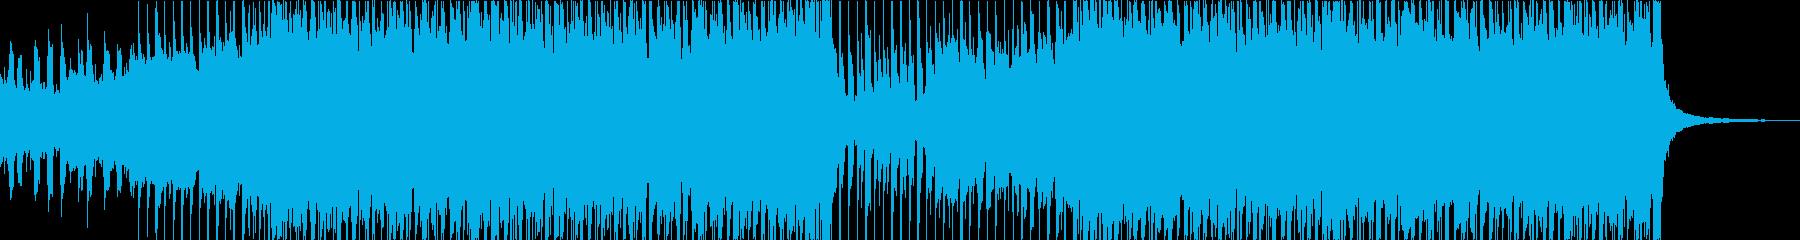 ヘビーなエレキ、疾走感のあるロックBGMの再生済みの波形